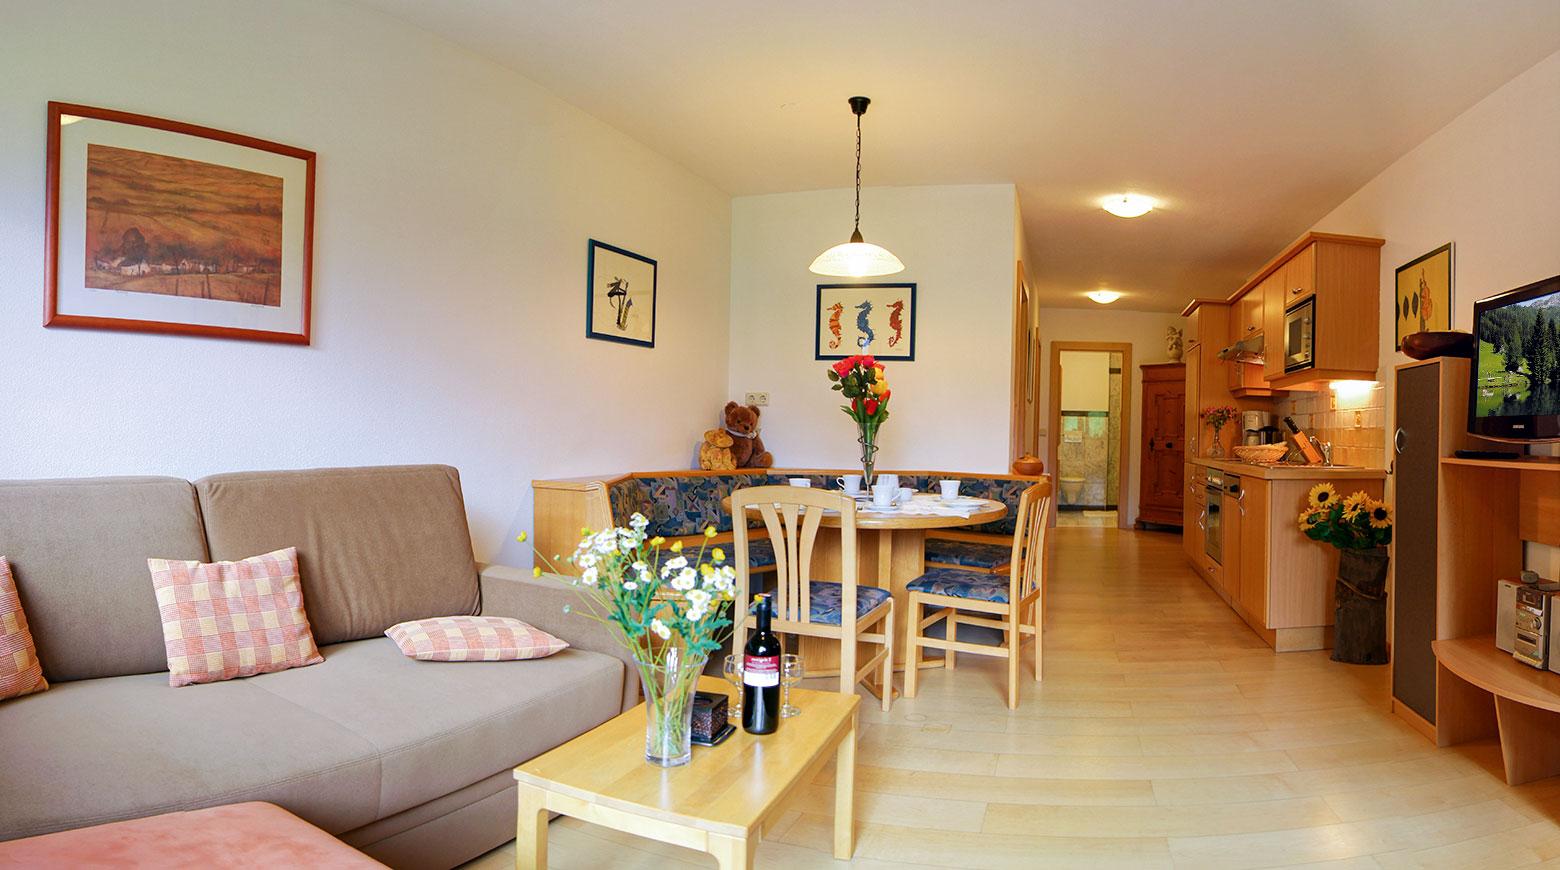 Wohnzimmer - Ferienwohnung Almrausch, Haus Dachstein in Filzmoos